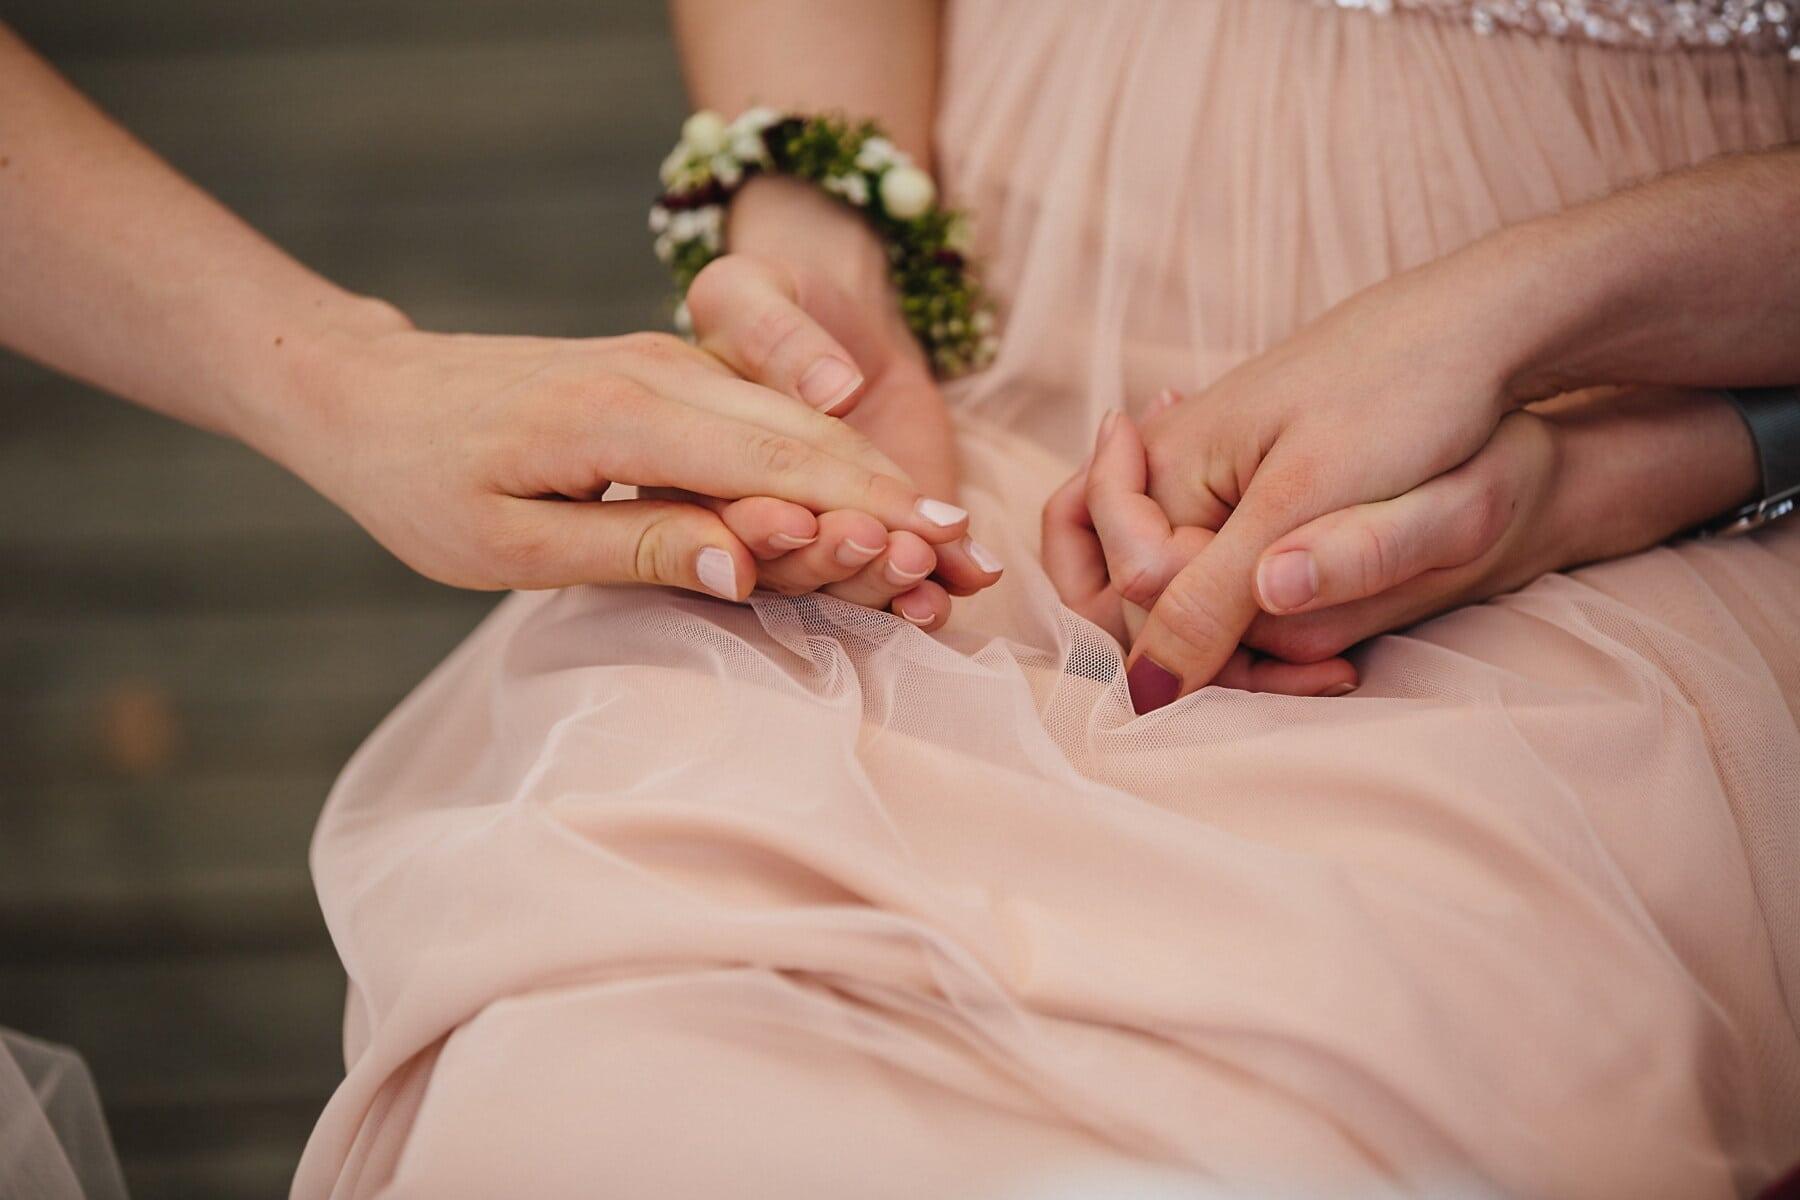 Händchen halten, Schwestern, Freundschaft, Mädchen, Freunde, Emotion, berühren, Freundin, Liebe, Frau